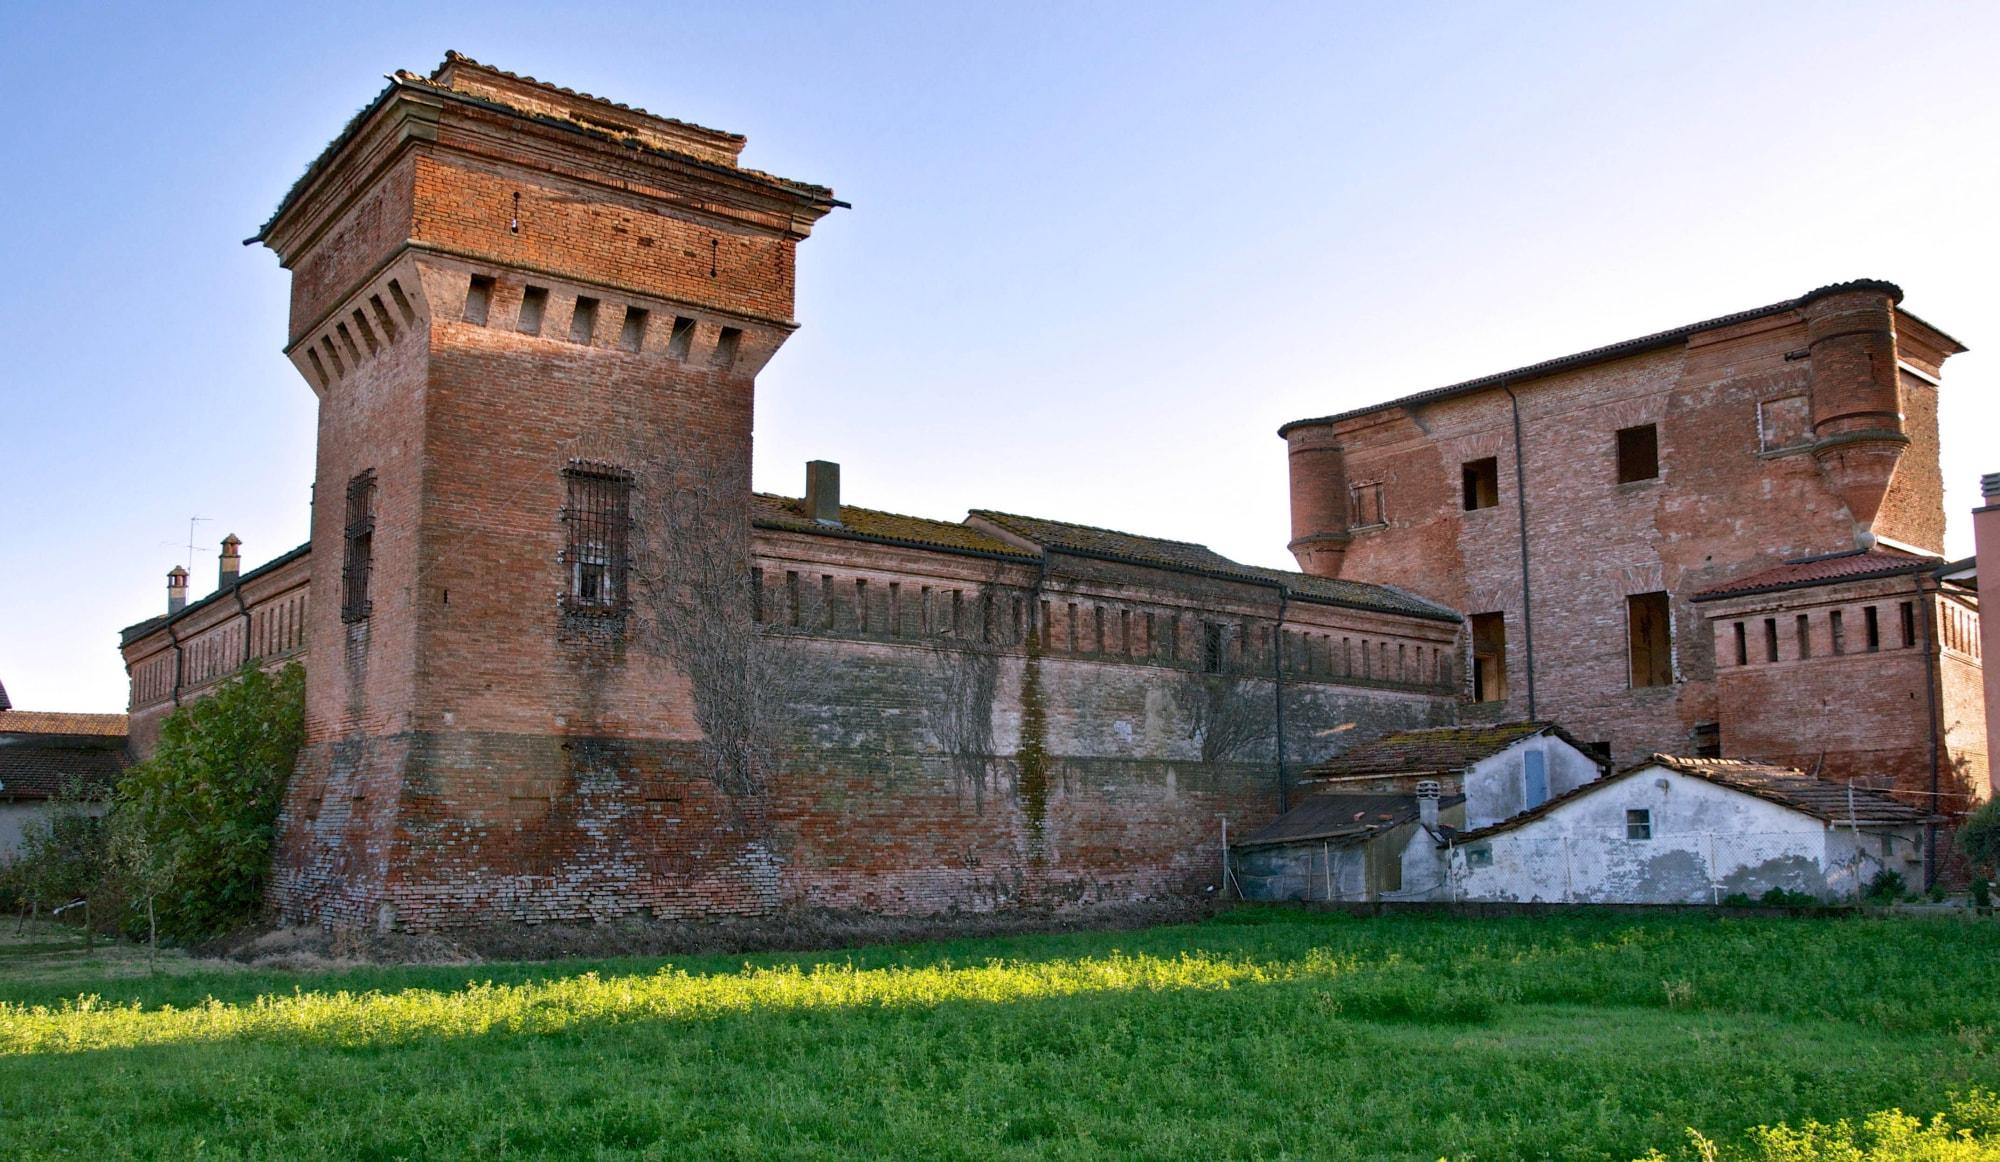 Ufficio Elettorale Bologna : Immobile in vendita a bologna rif  immobiliare